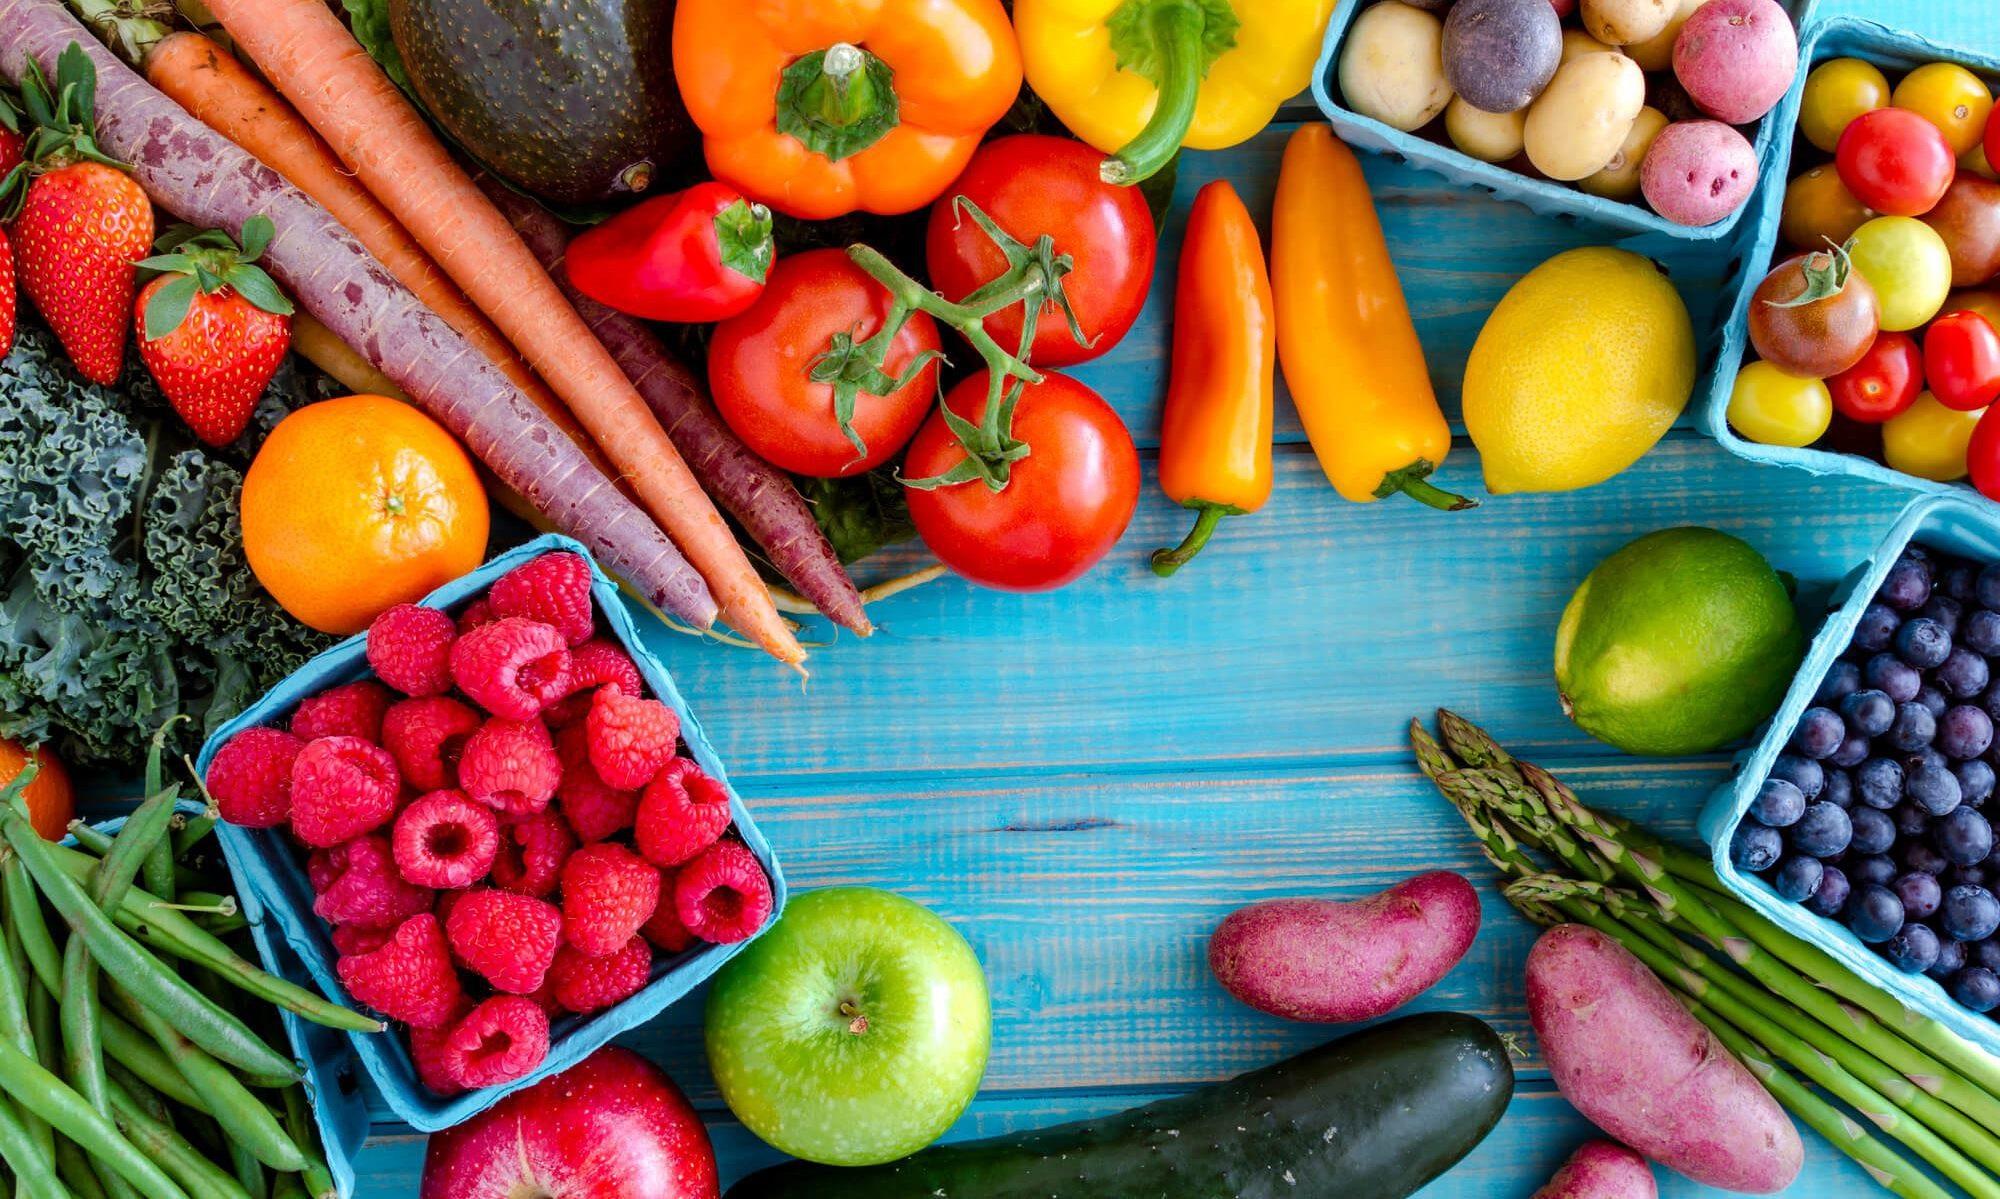 Những loại thực phẩm nên được sử dụng trong chế độ Detox kết hợp ăn uống - Ảnh 1